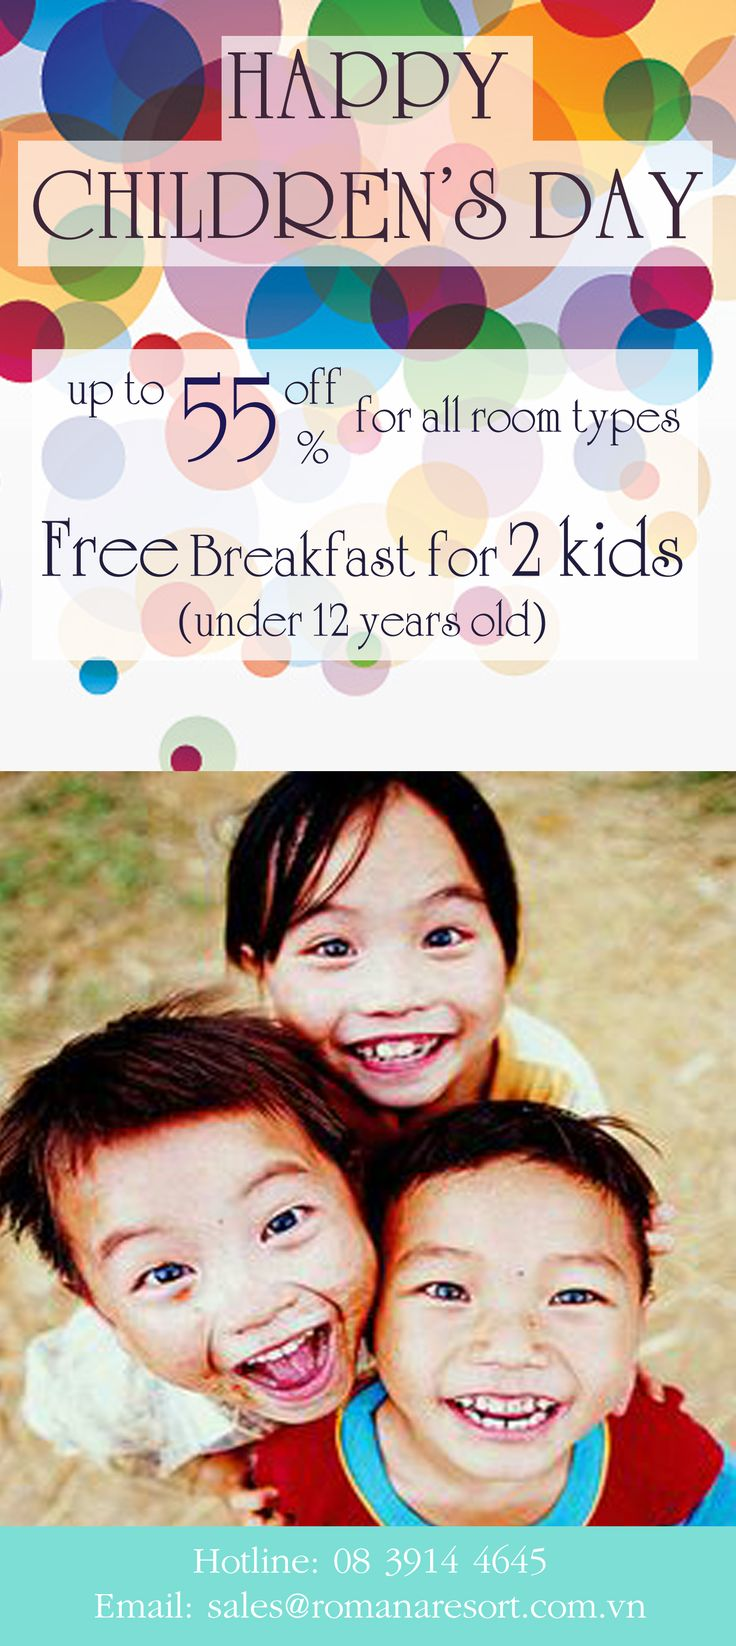 ƯU ĐÃI NGÀY QUỐC TẾ THIẾU NHI -Giảm 50% cho phòng Deluxe Ocean View và 3-Bed Room Villa -Giảm 55% cho các phòng Pool Villa -Miễn phí ăn sáng cho 2 trẻ em dưới 12 tuổi Nhanh tay đăng kí nào cả nhà ơi! PROMOTION FOR CHILDREN'S DAY -50% off for Deluxe Ocean View and 3-Bed Room Villa -55% off for Pool Villa -Free Breakfast for 2 kids (under 12 years old) Don't miss it! For more information, please contact: Hotline: 08 3914 4645 Email: sales@romanaresort.com.vn #romana #promotion…